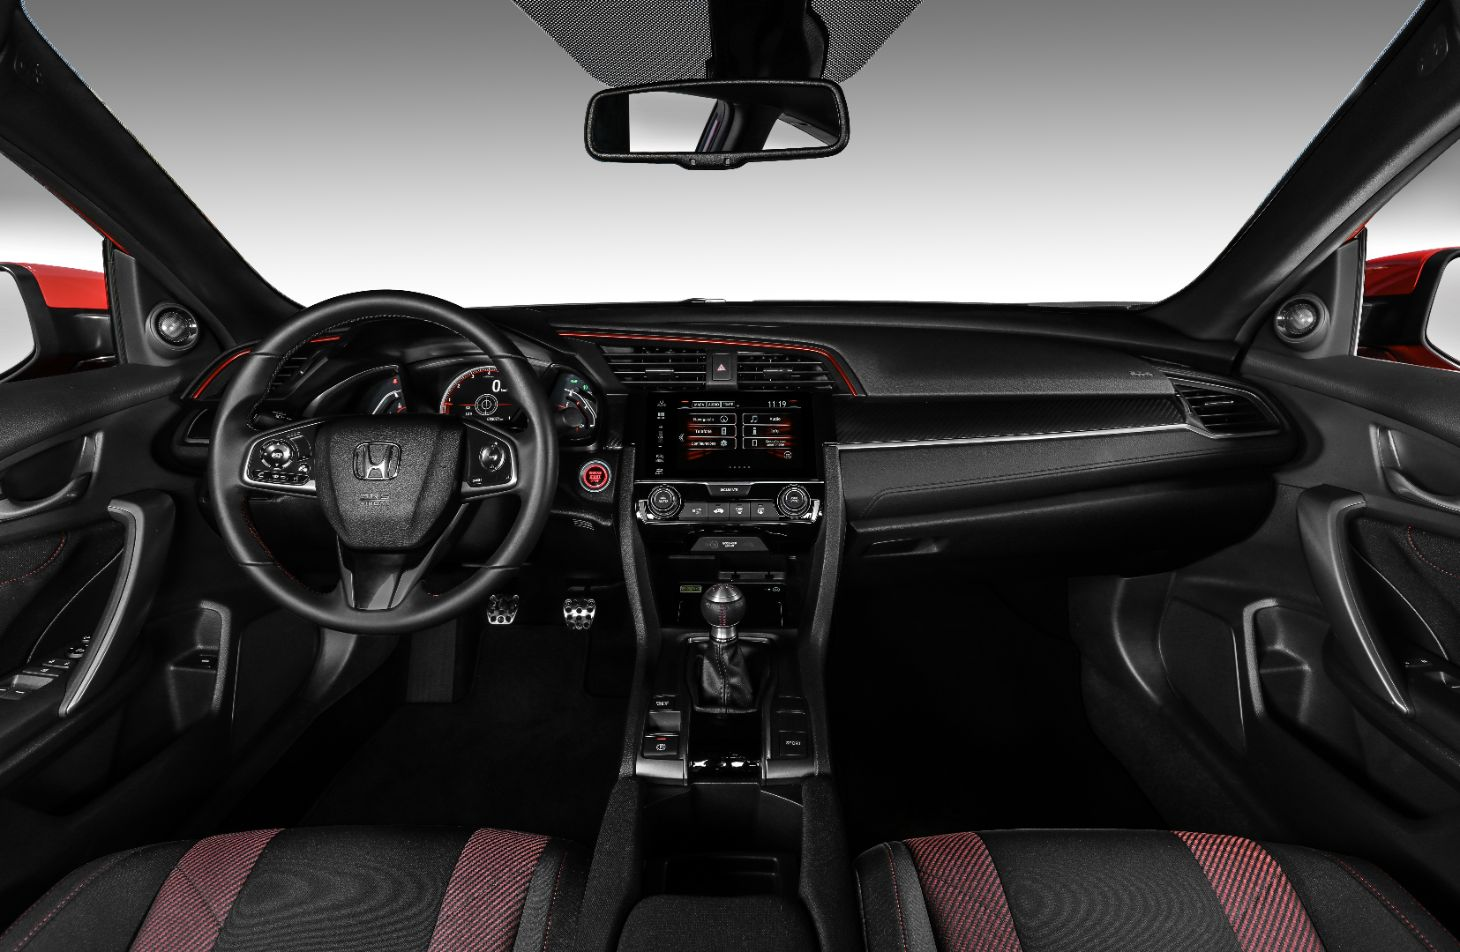 Honda Civic Si 2020 E Apresentado Veja Preco Fotos E Equipamentos